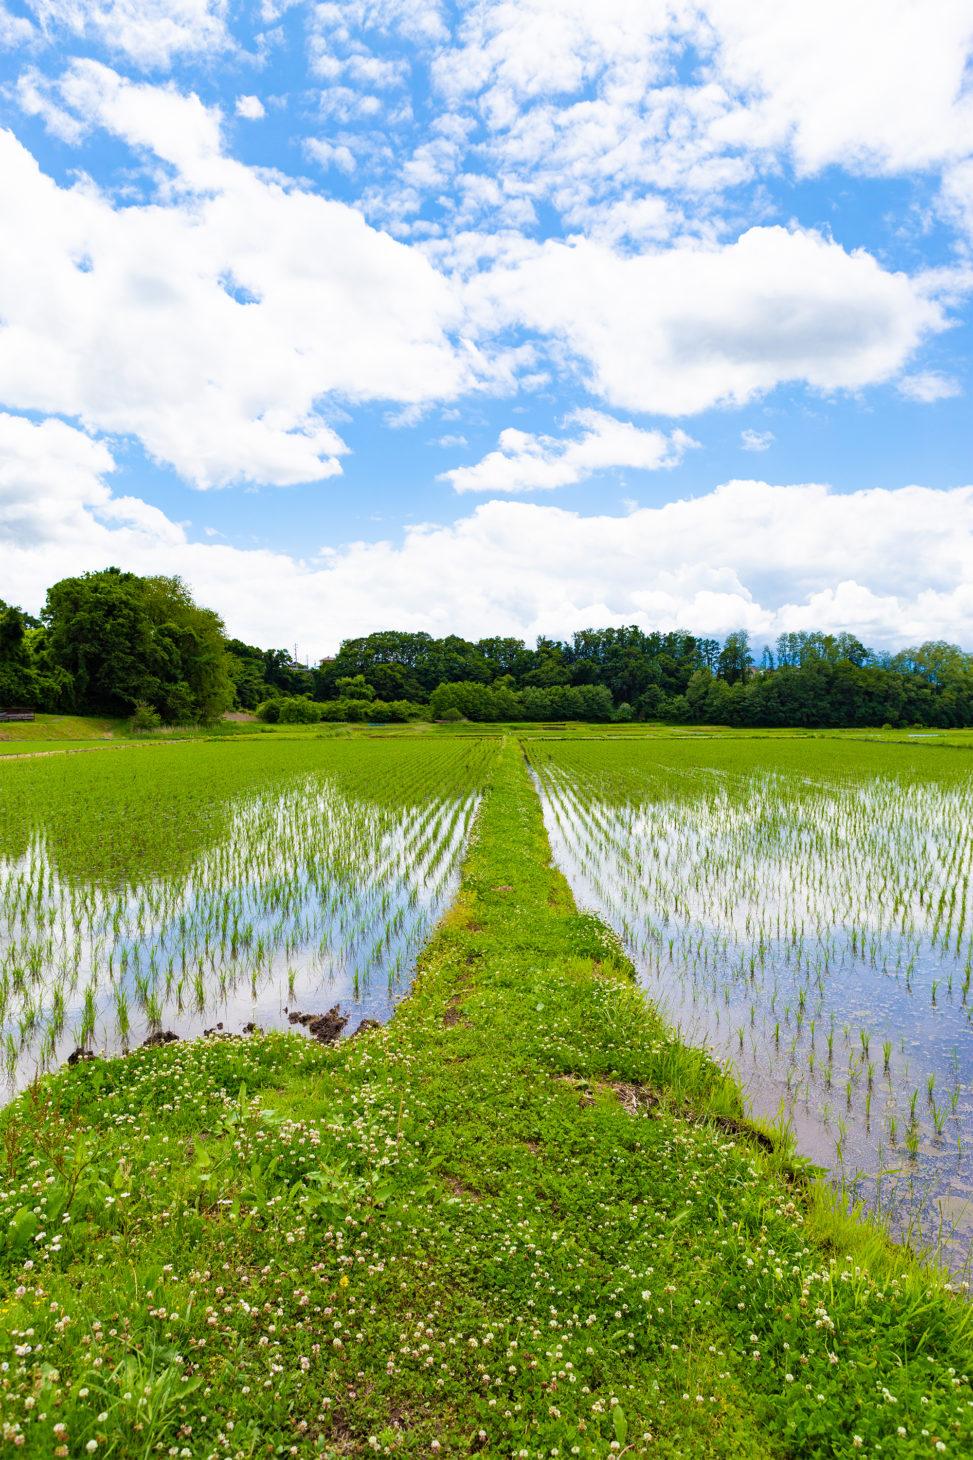 畦道(あぜみち)と田んぼの風景02の写真素材